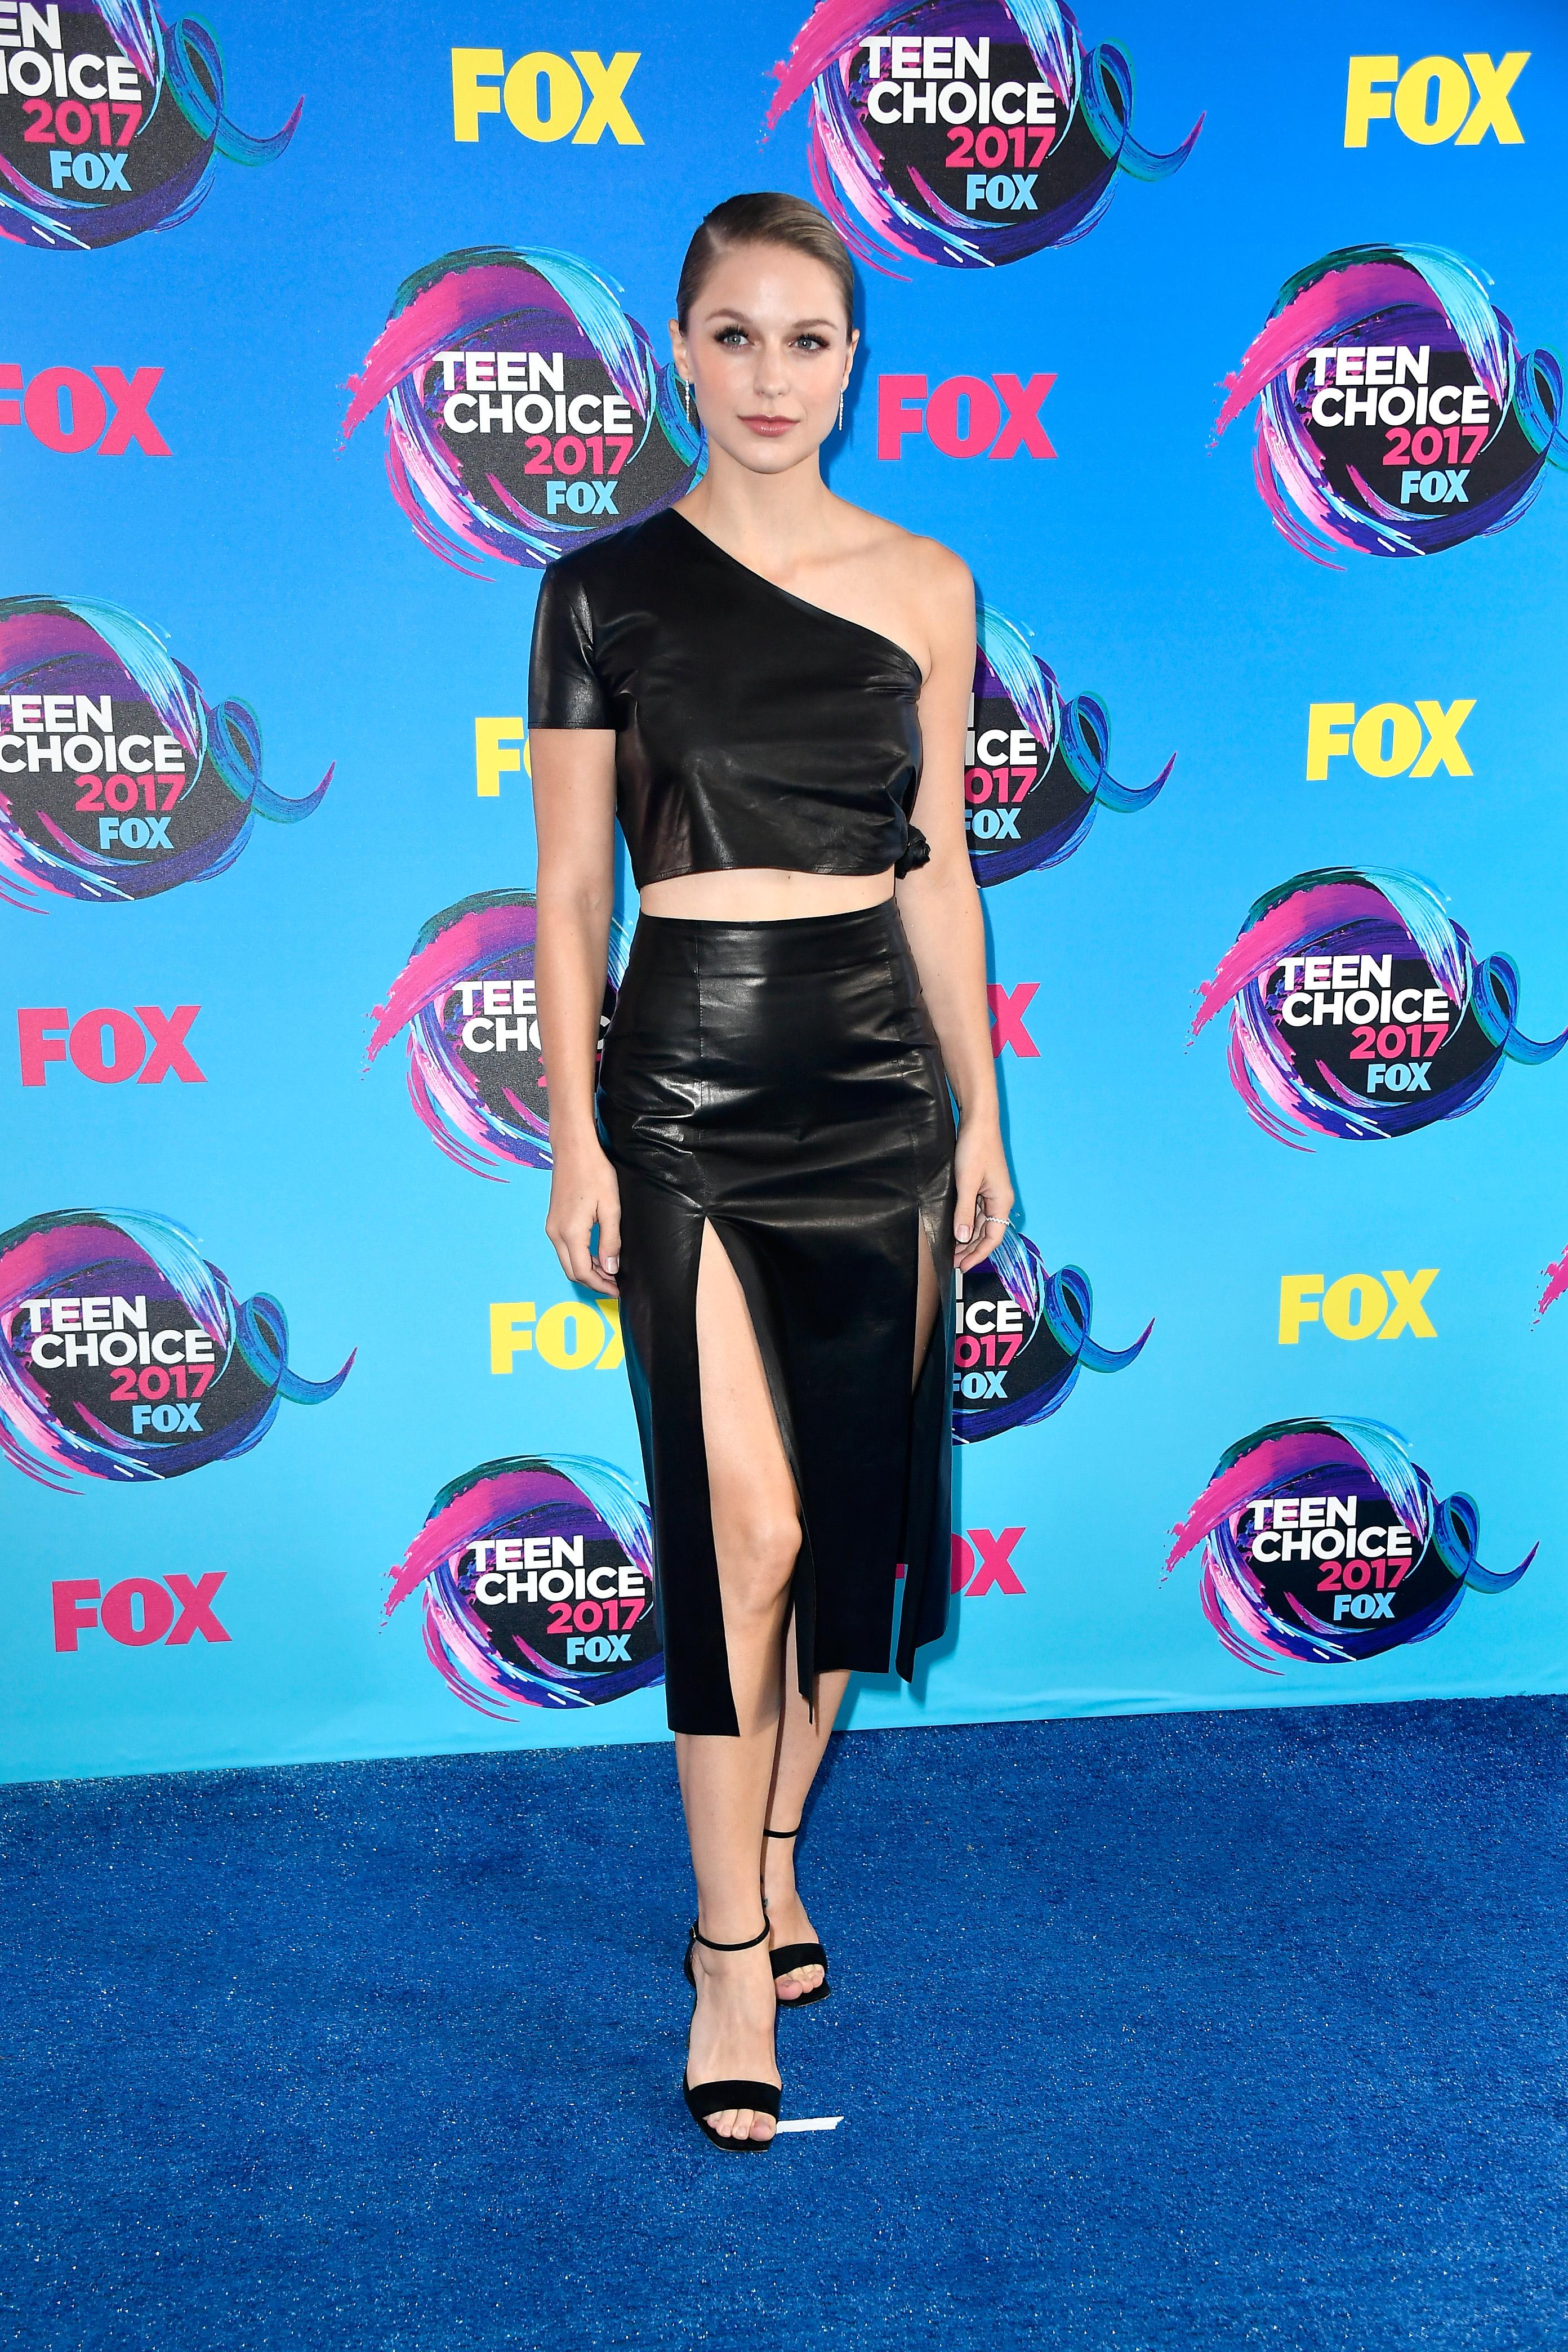 Teen Choice Awards 2017 - Melissa Benoist